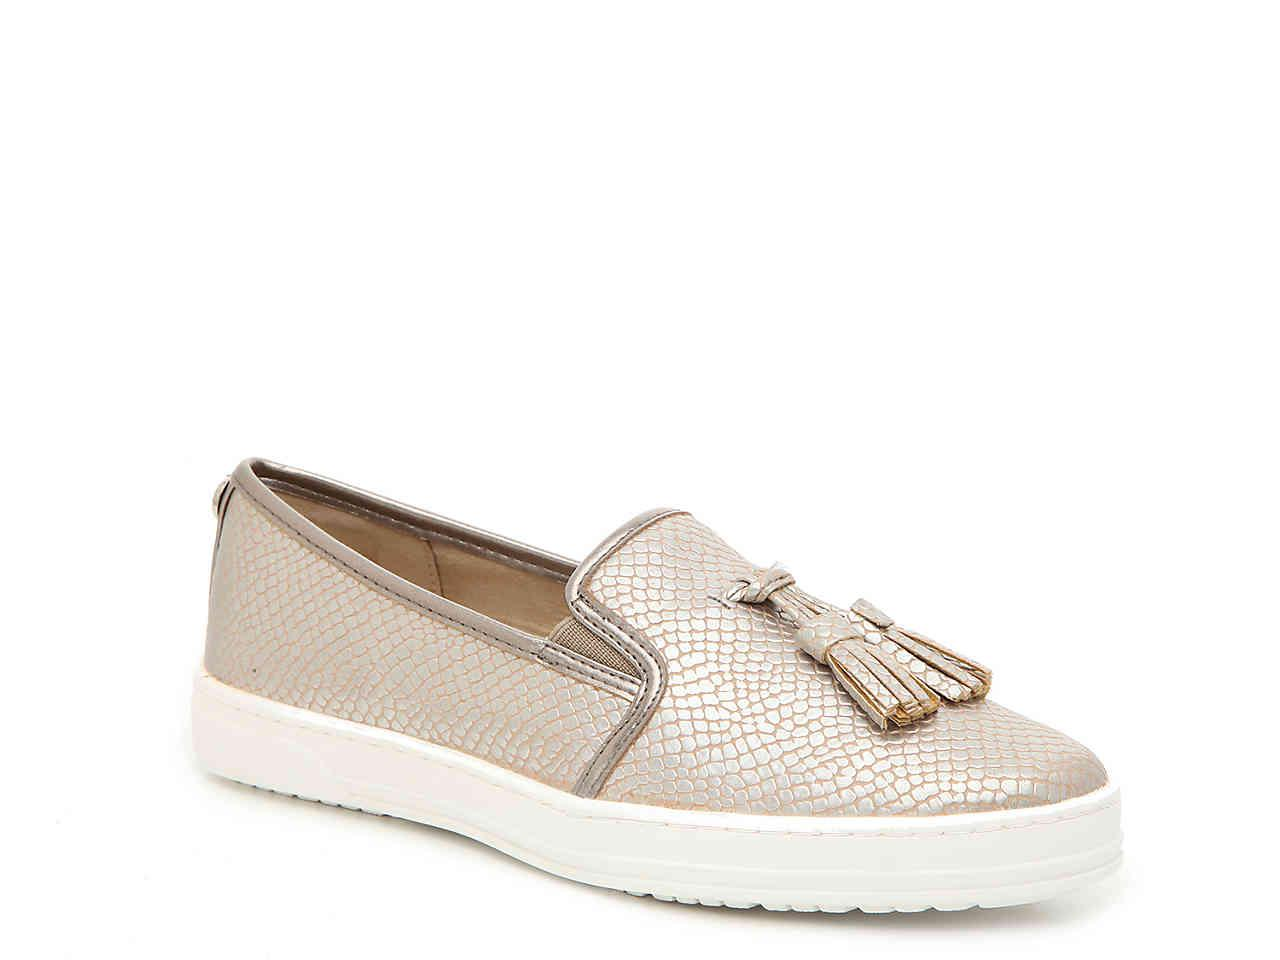 Anne Klein Zane Slip-on Sneaker in